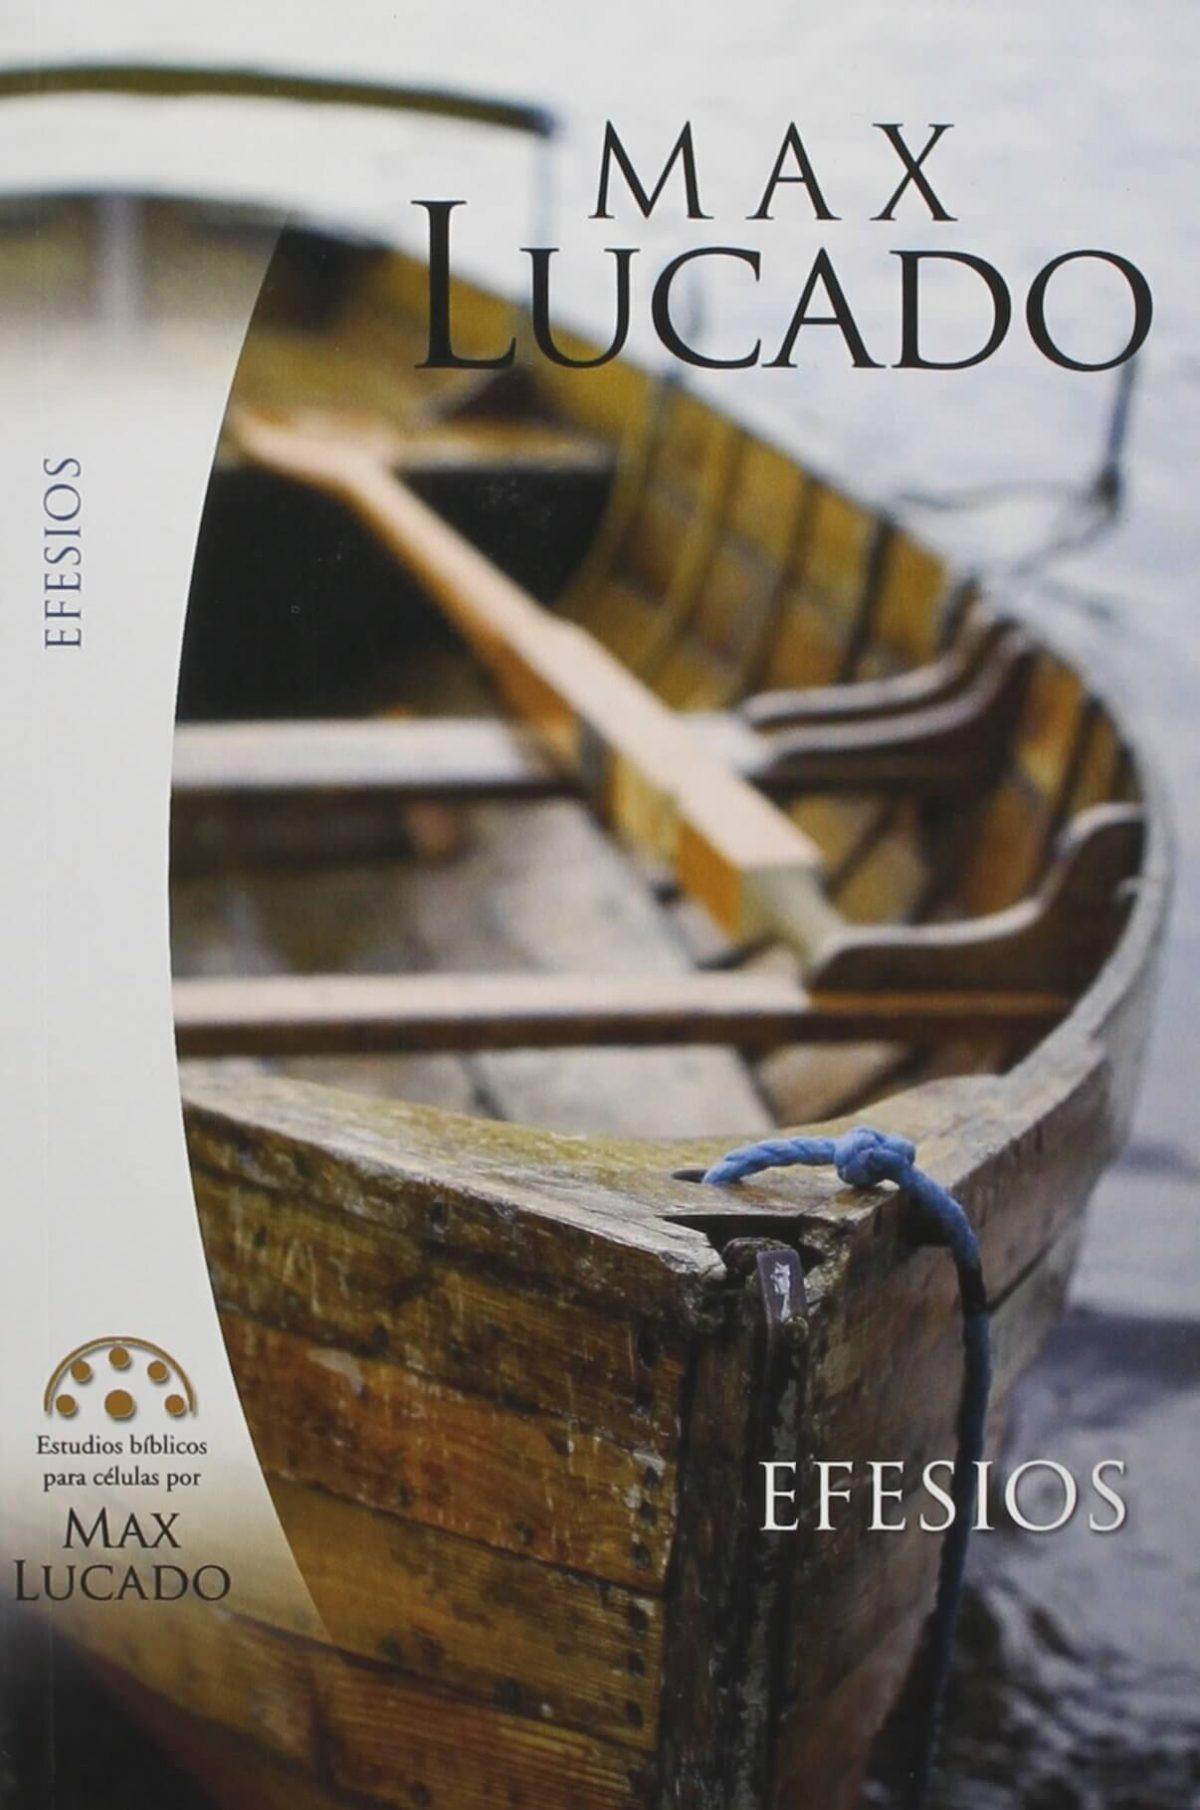 ESTUDIOS BIBLICOS PARA CELULAS - EFESIOS